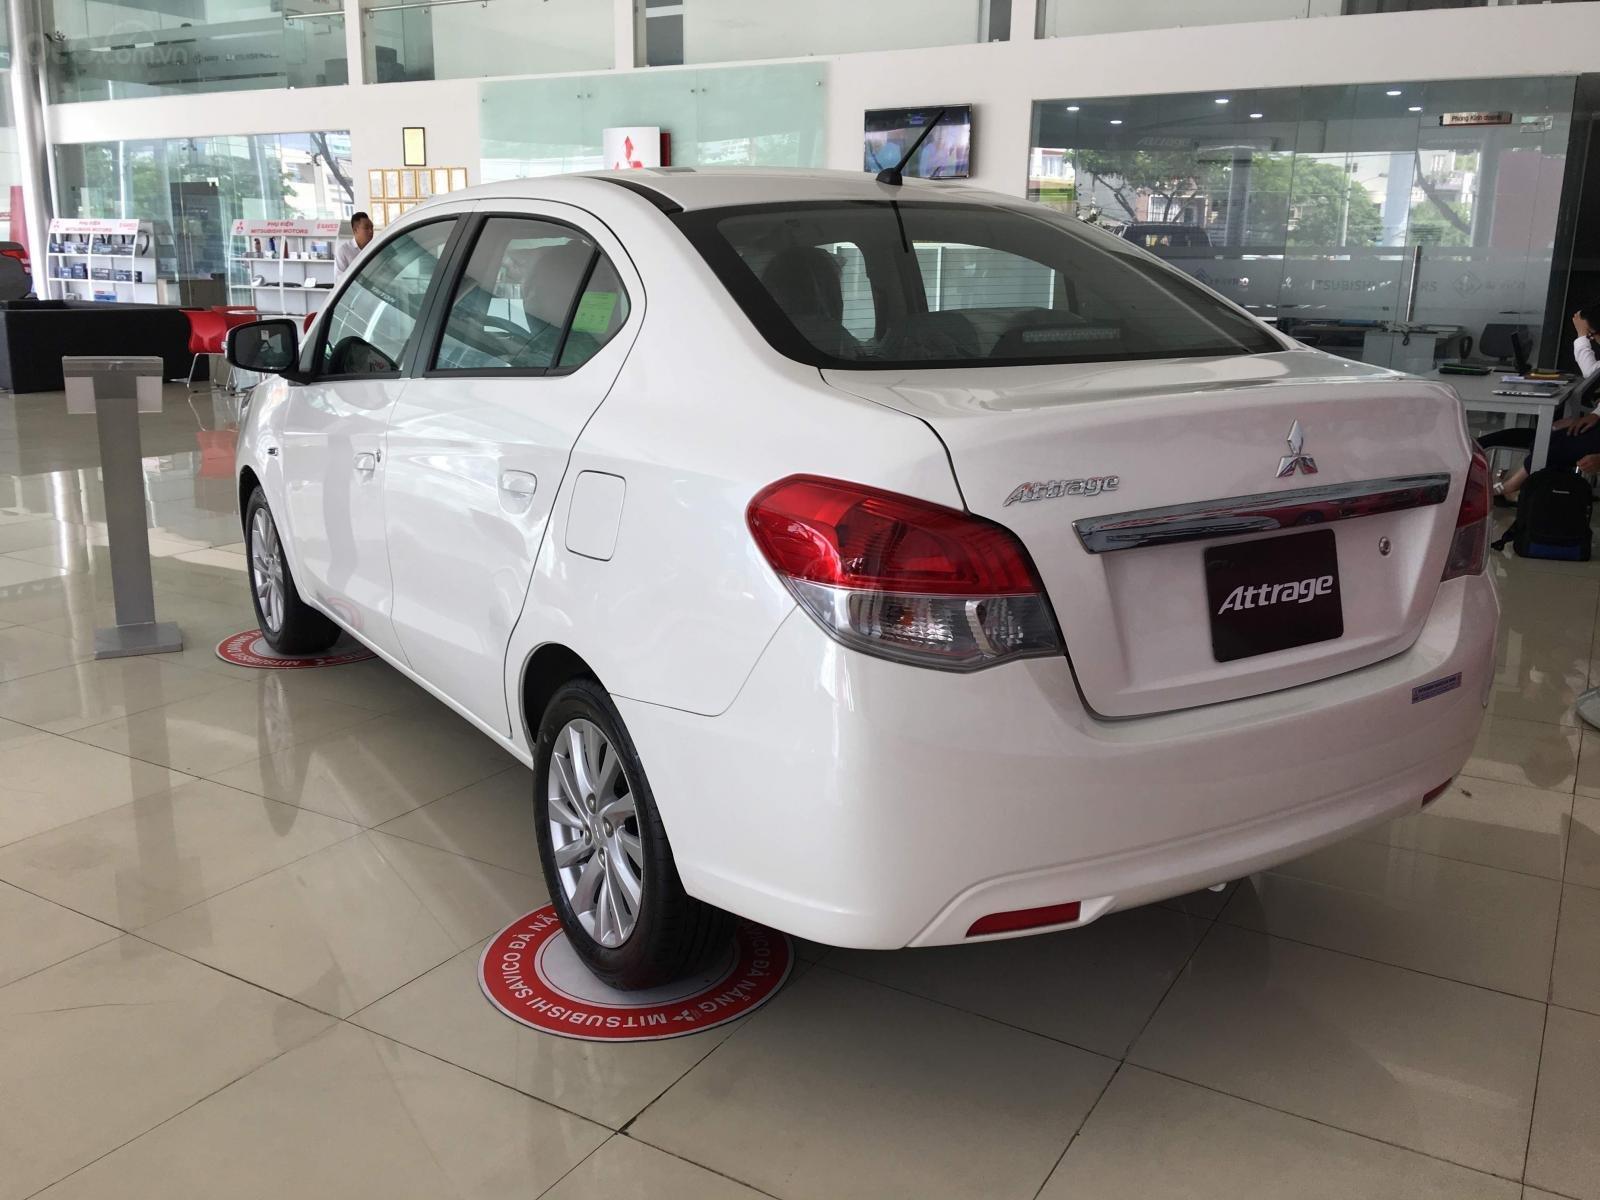 Bán xe Mitsubishi Attrage MT Eco 2019, siêu tiết kiệm 4l/100km, xe nhập, LH: 0935.782.728 (4)